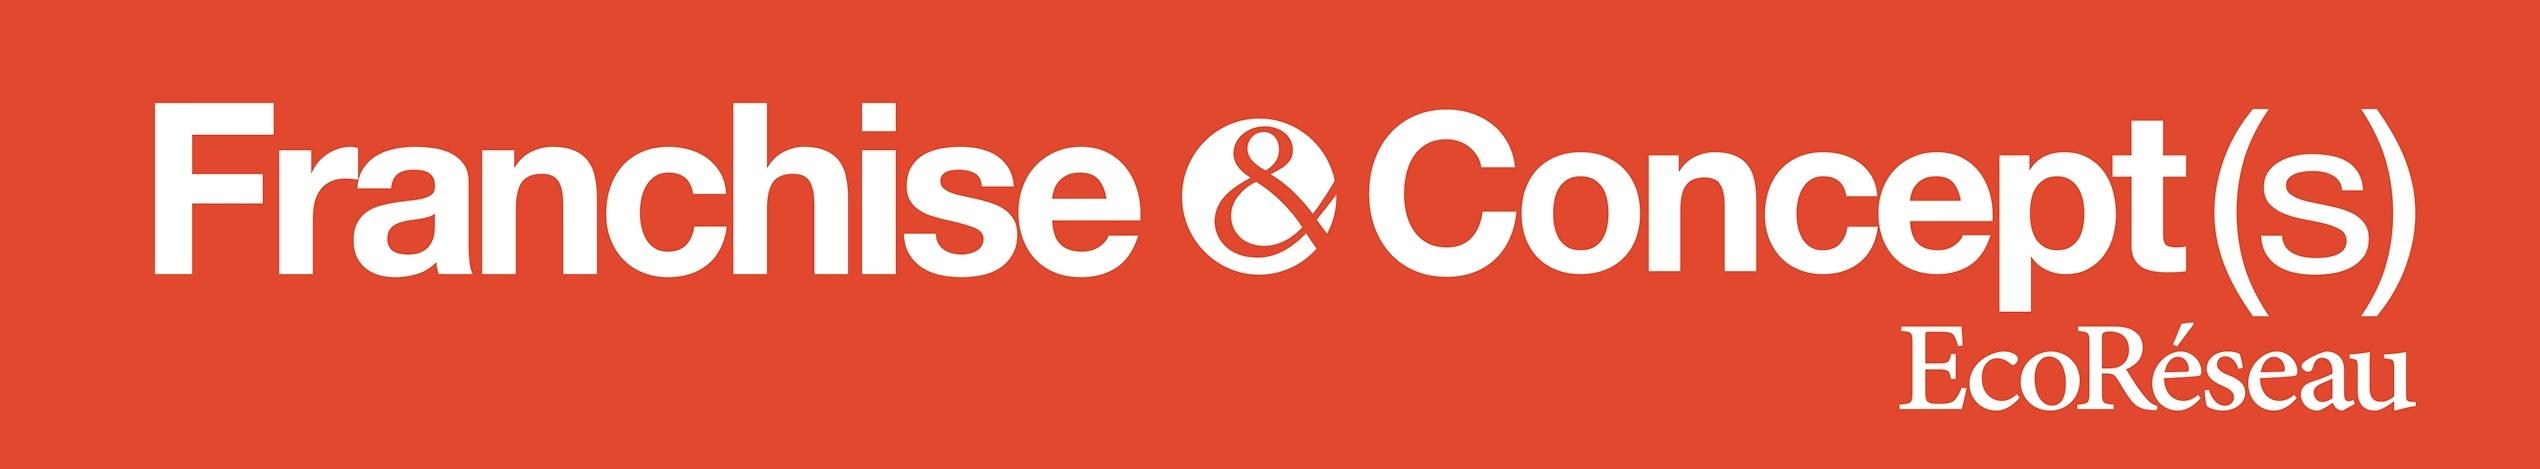 EcoRéseau Franchise & Concept(s)